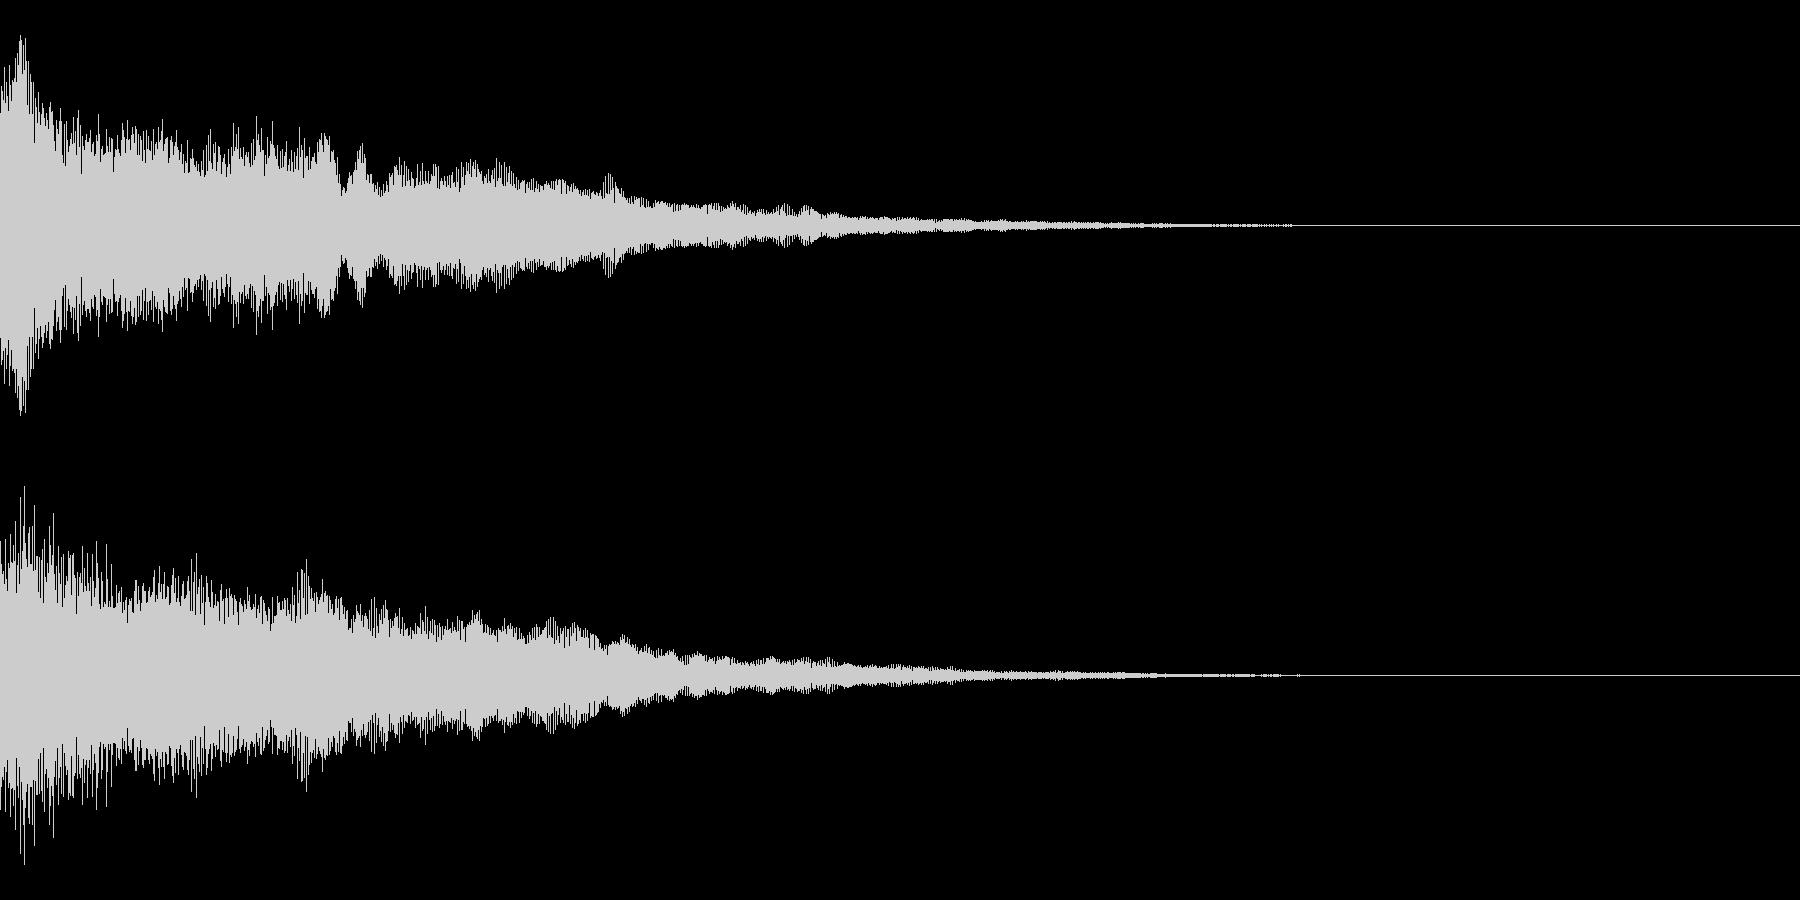 決定音/ゲーム/シンセサイザーの未再生の波形